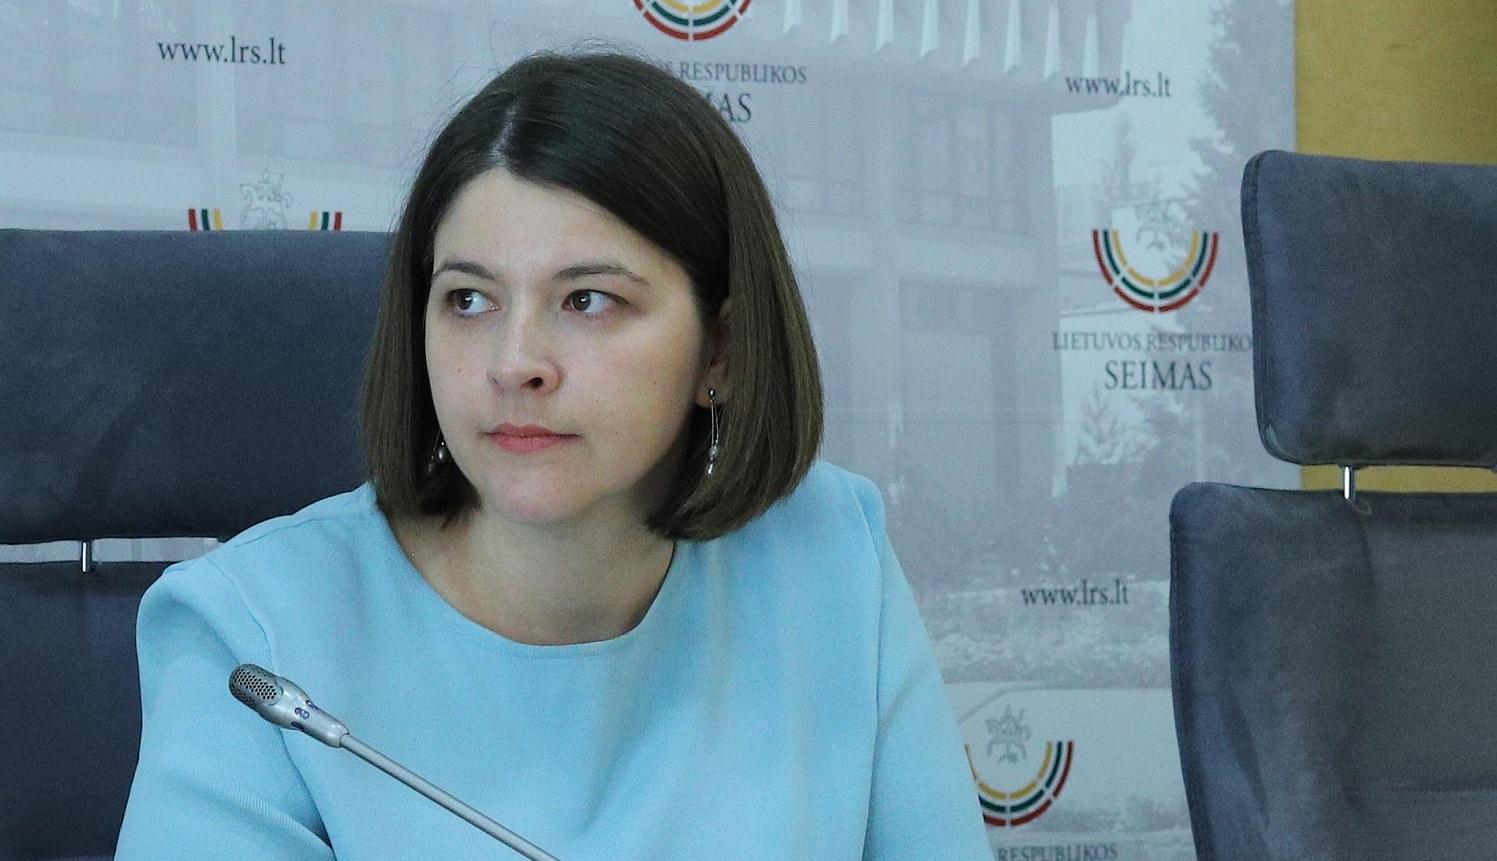 Pasiūlymas Seime – numatyti socialiai teisingesnę paramą karantino metu